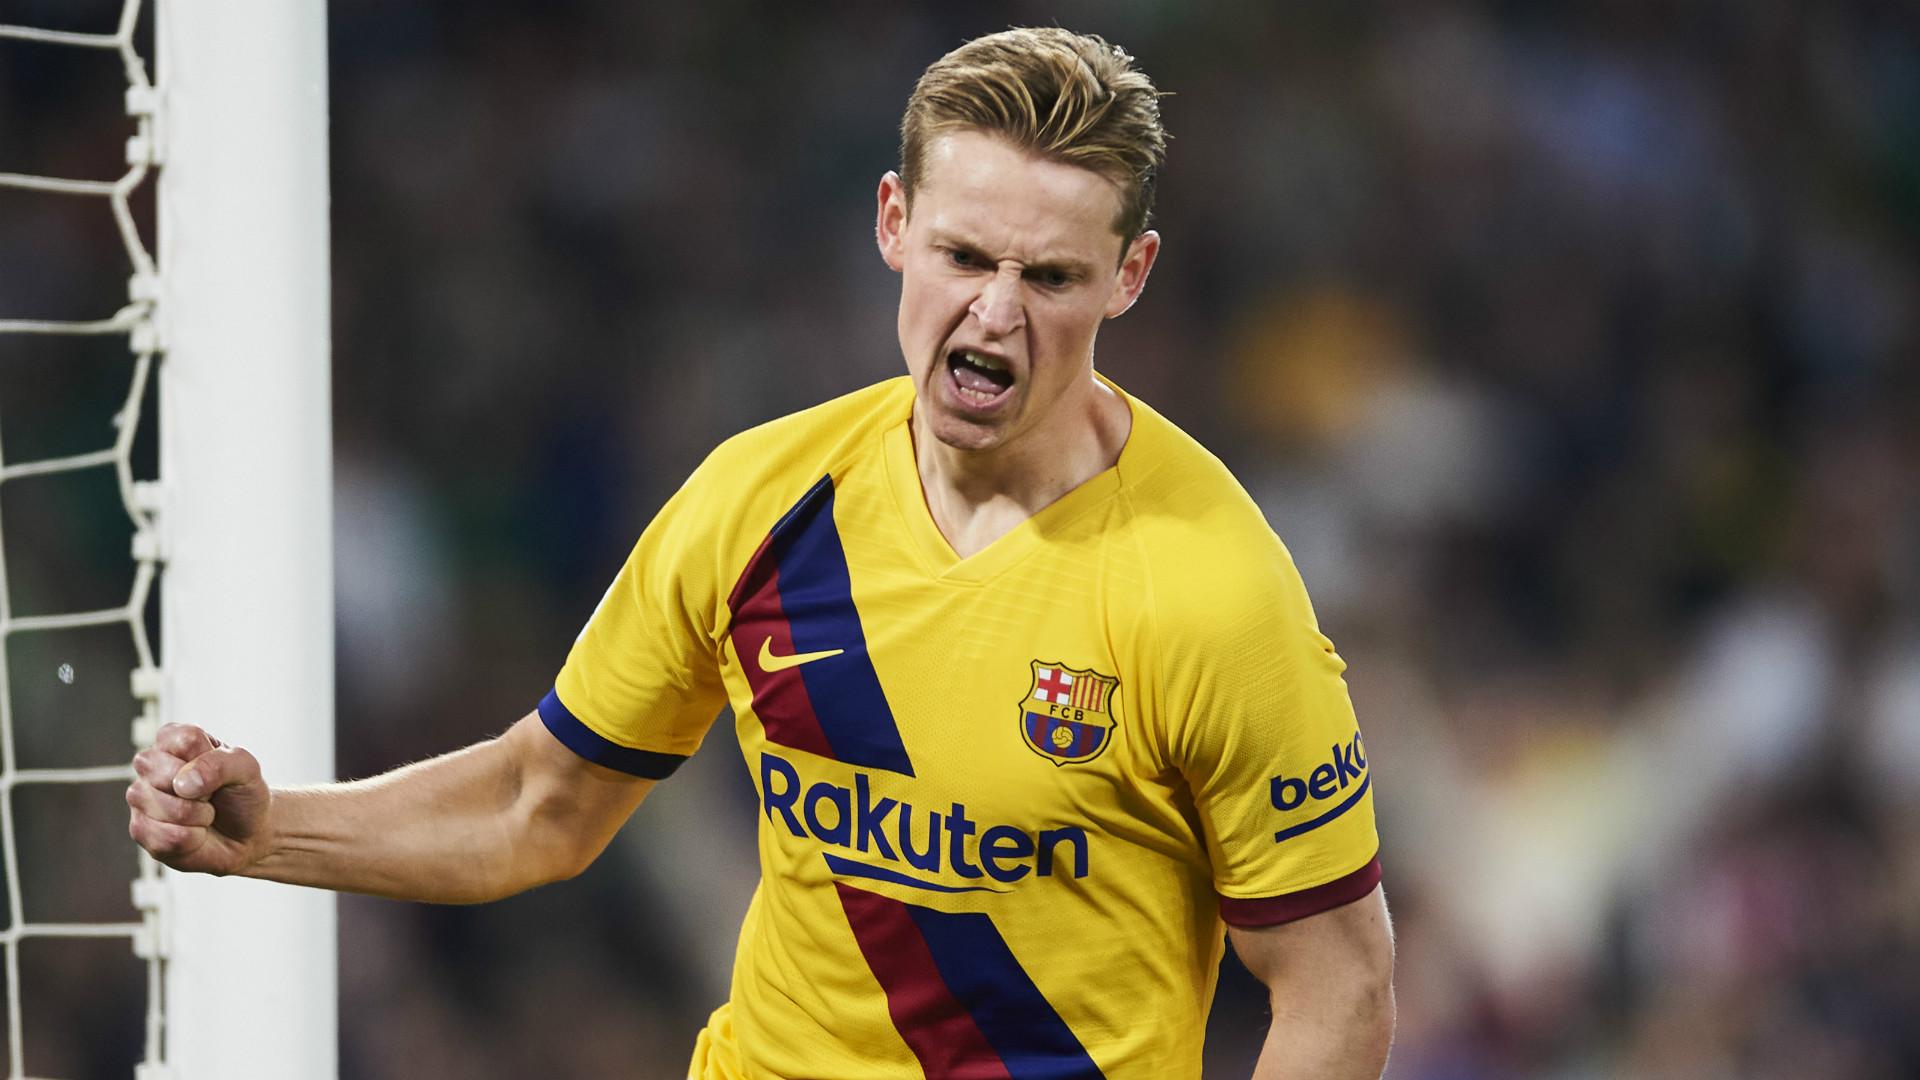 Barcelona's use of De Jong questioned by Netherlands boss Koeman